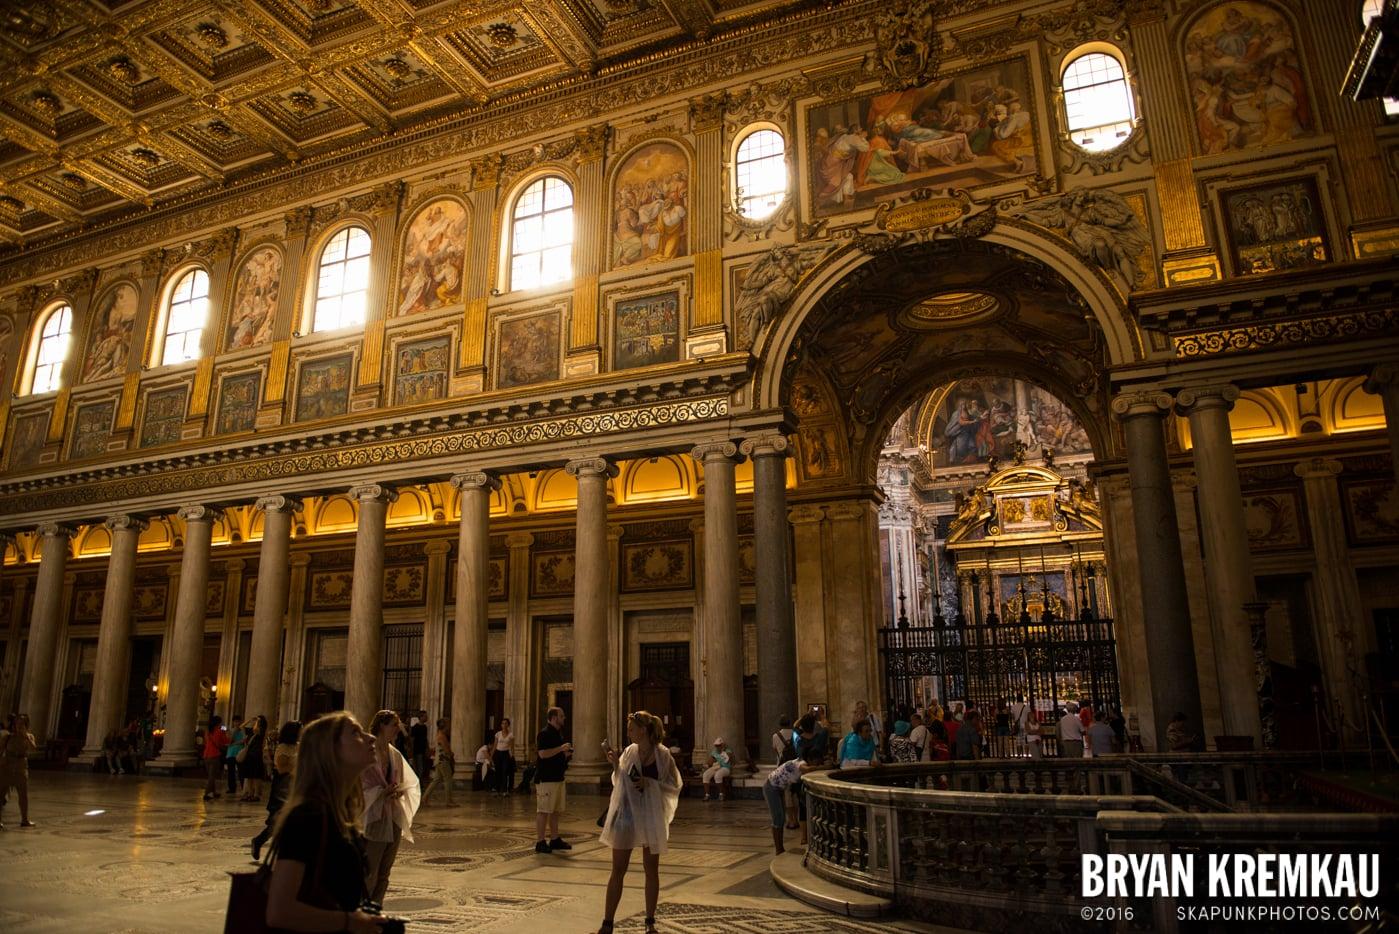 Italy Vacation - Day 12: Rome - 9.20.13 (36)